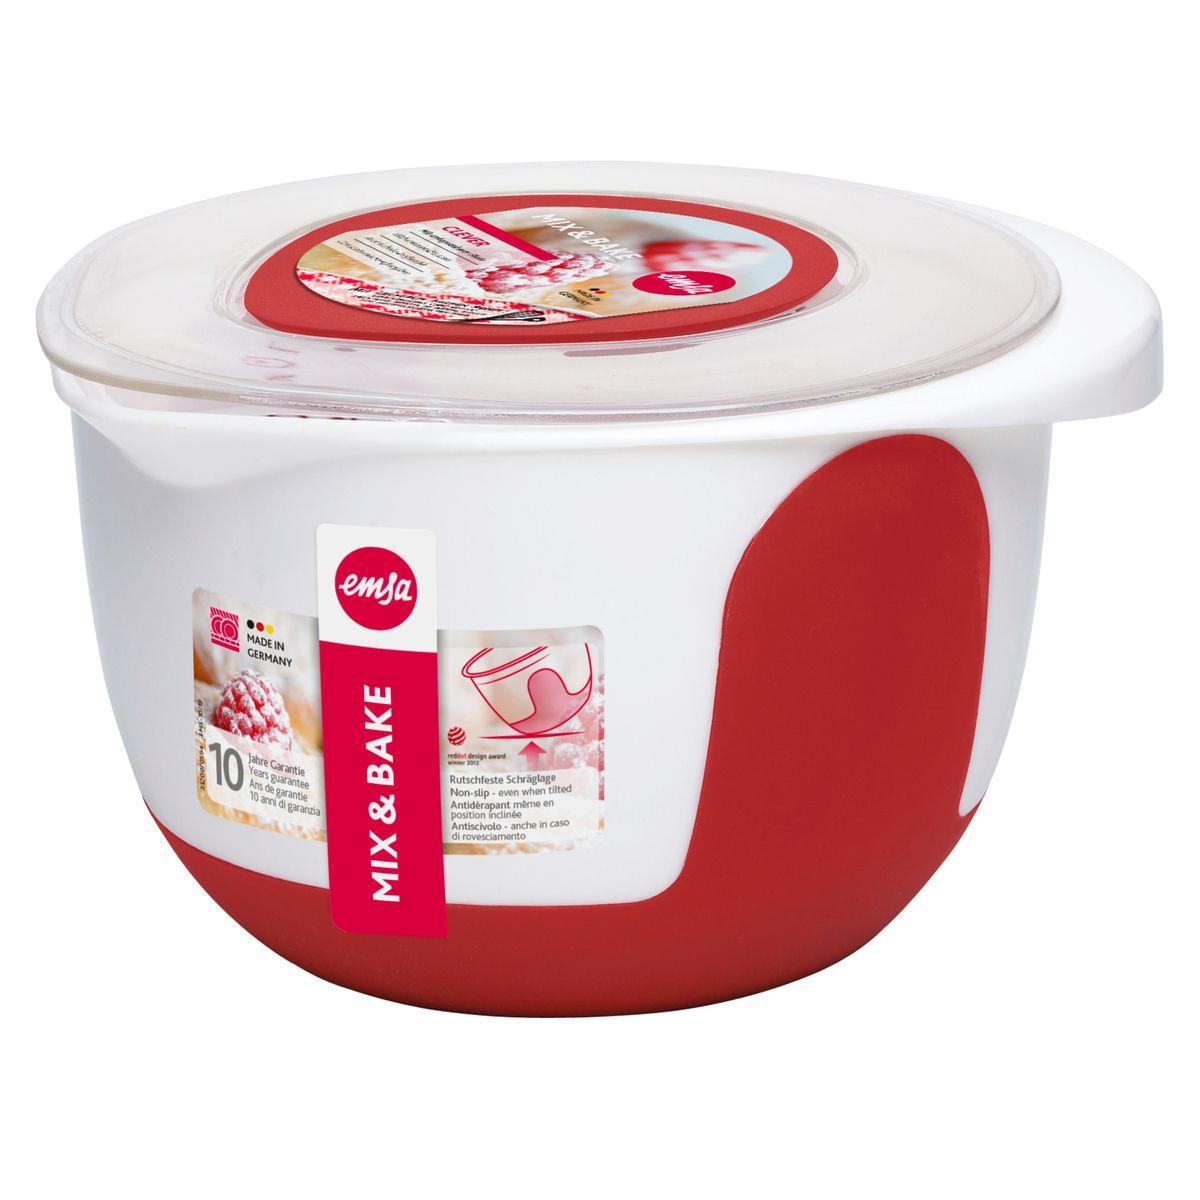 Bol de préparation Mix & Bake avec couvercle blanc et rouge 3 l - Emsa